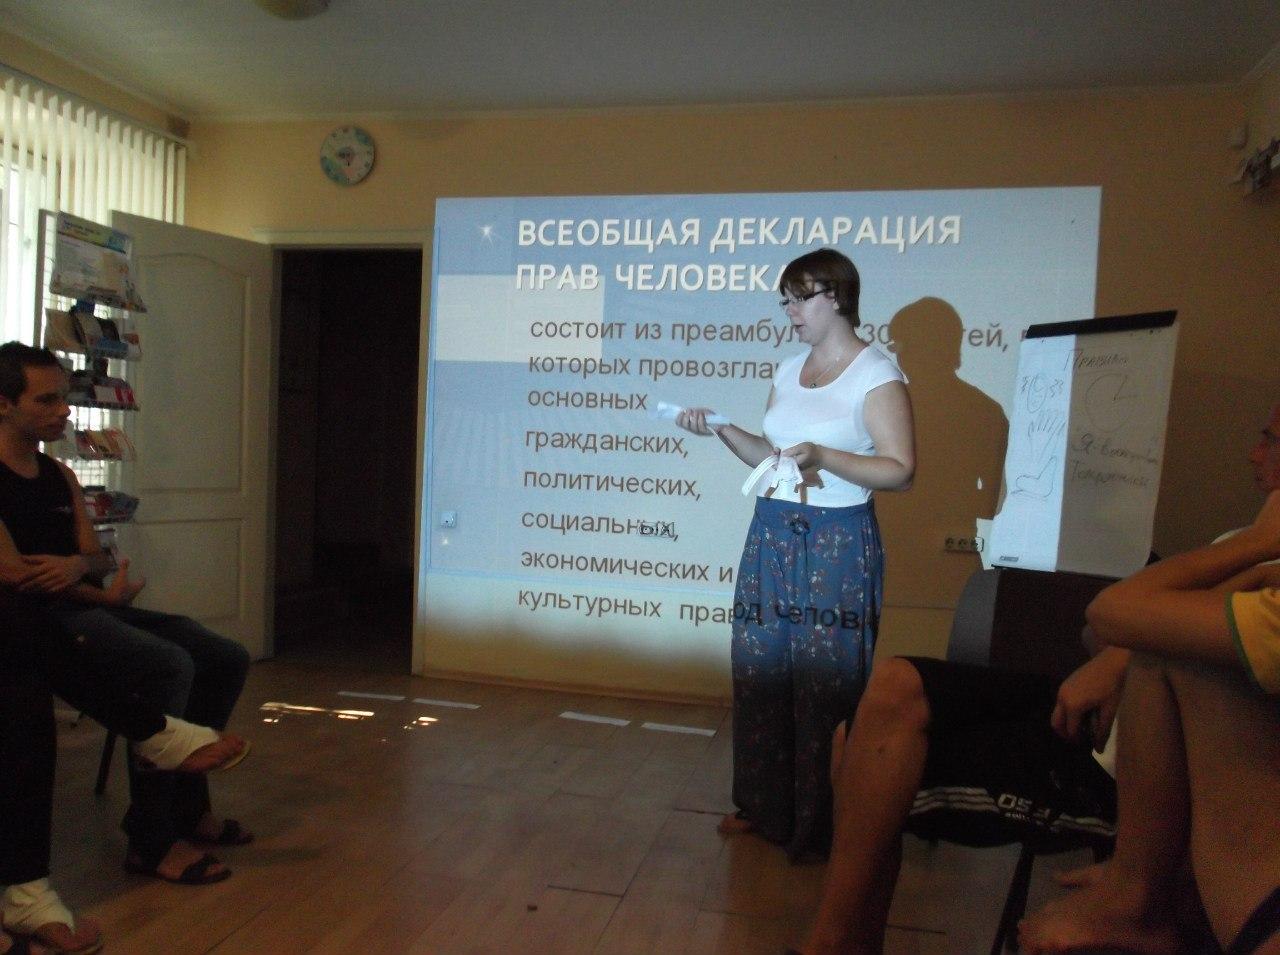 21.07.2012 - Мини-тренинг «Дискриминация и преступления на почве ненависти по отношению к ЛГБТ-сообществу.Кто виноват? И что делать?»